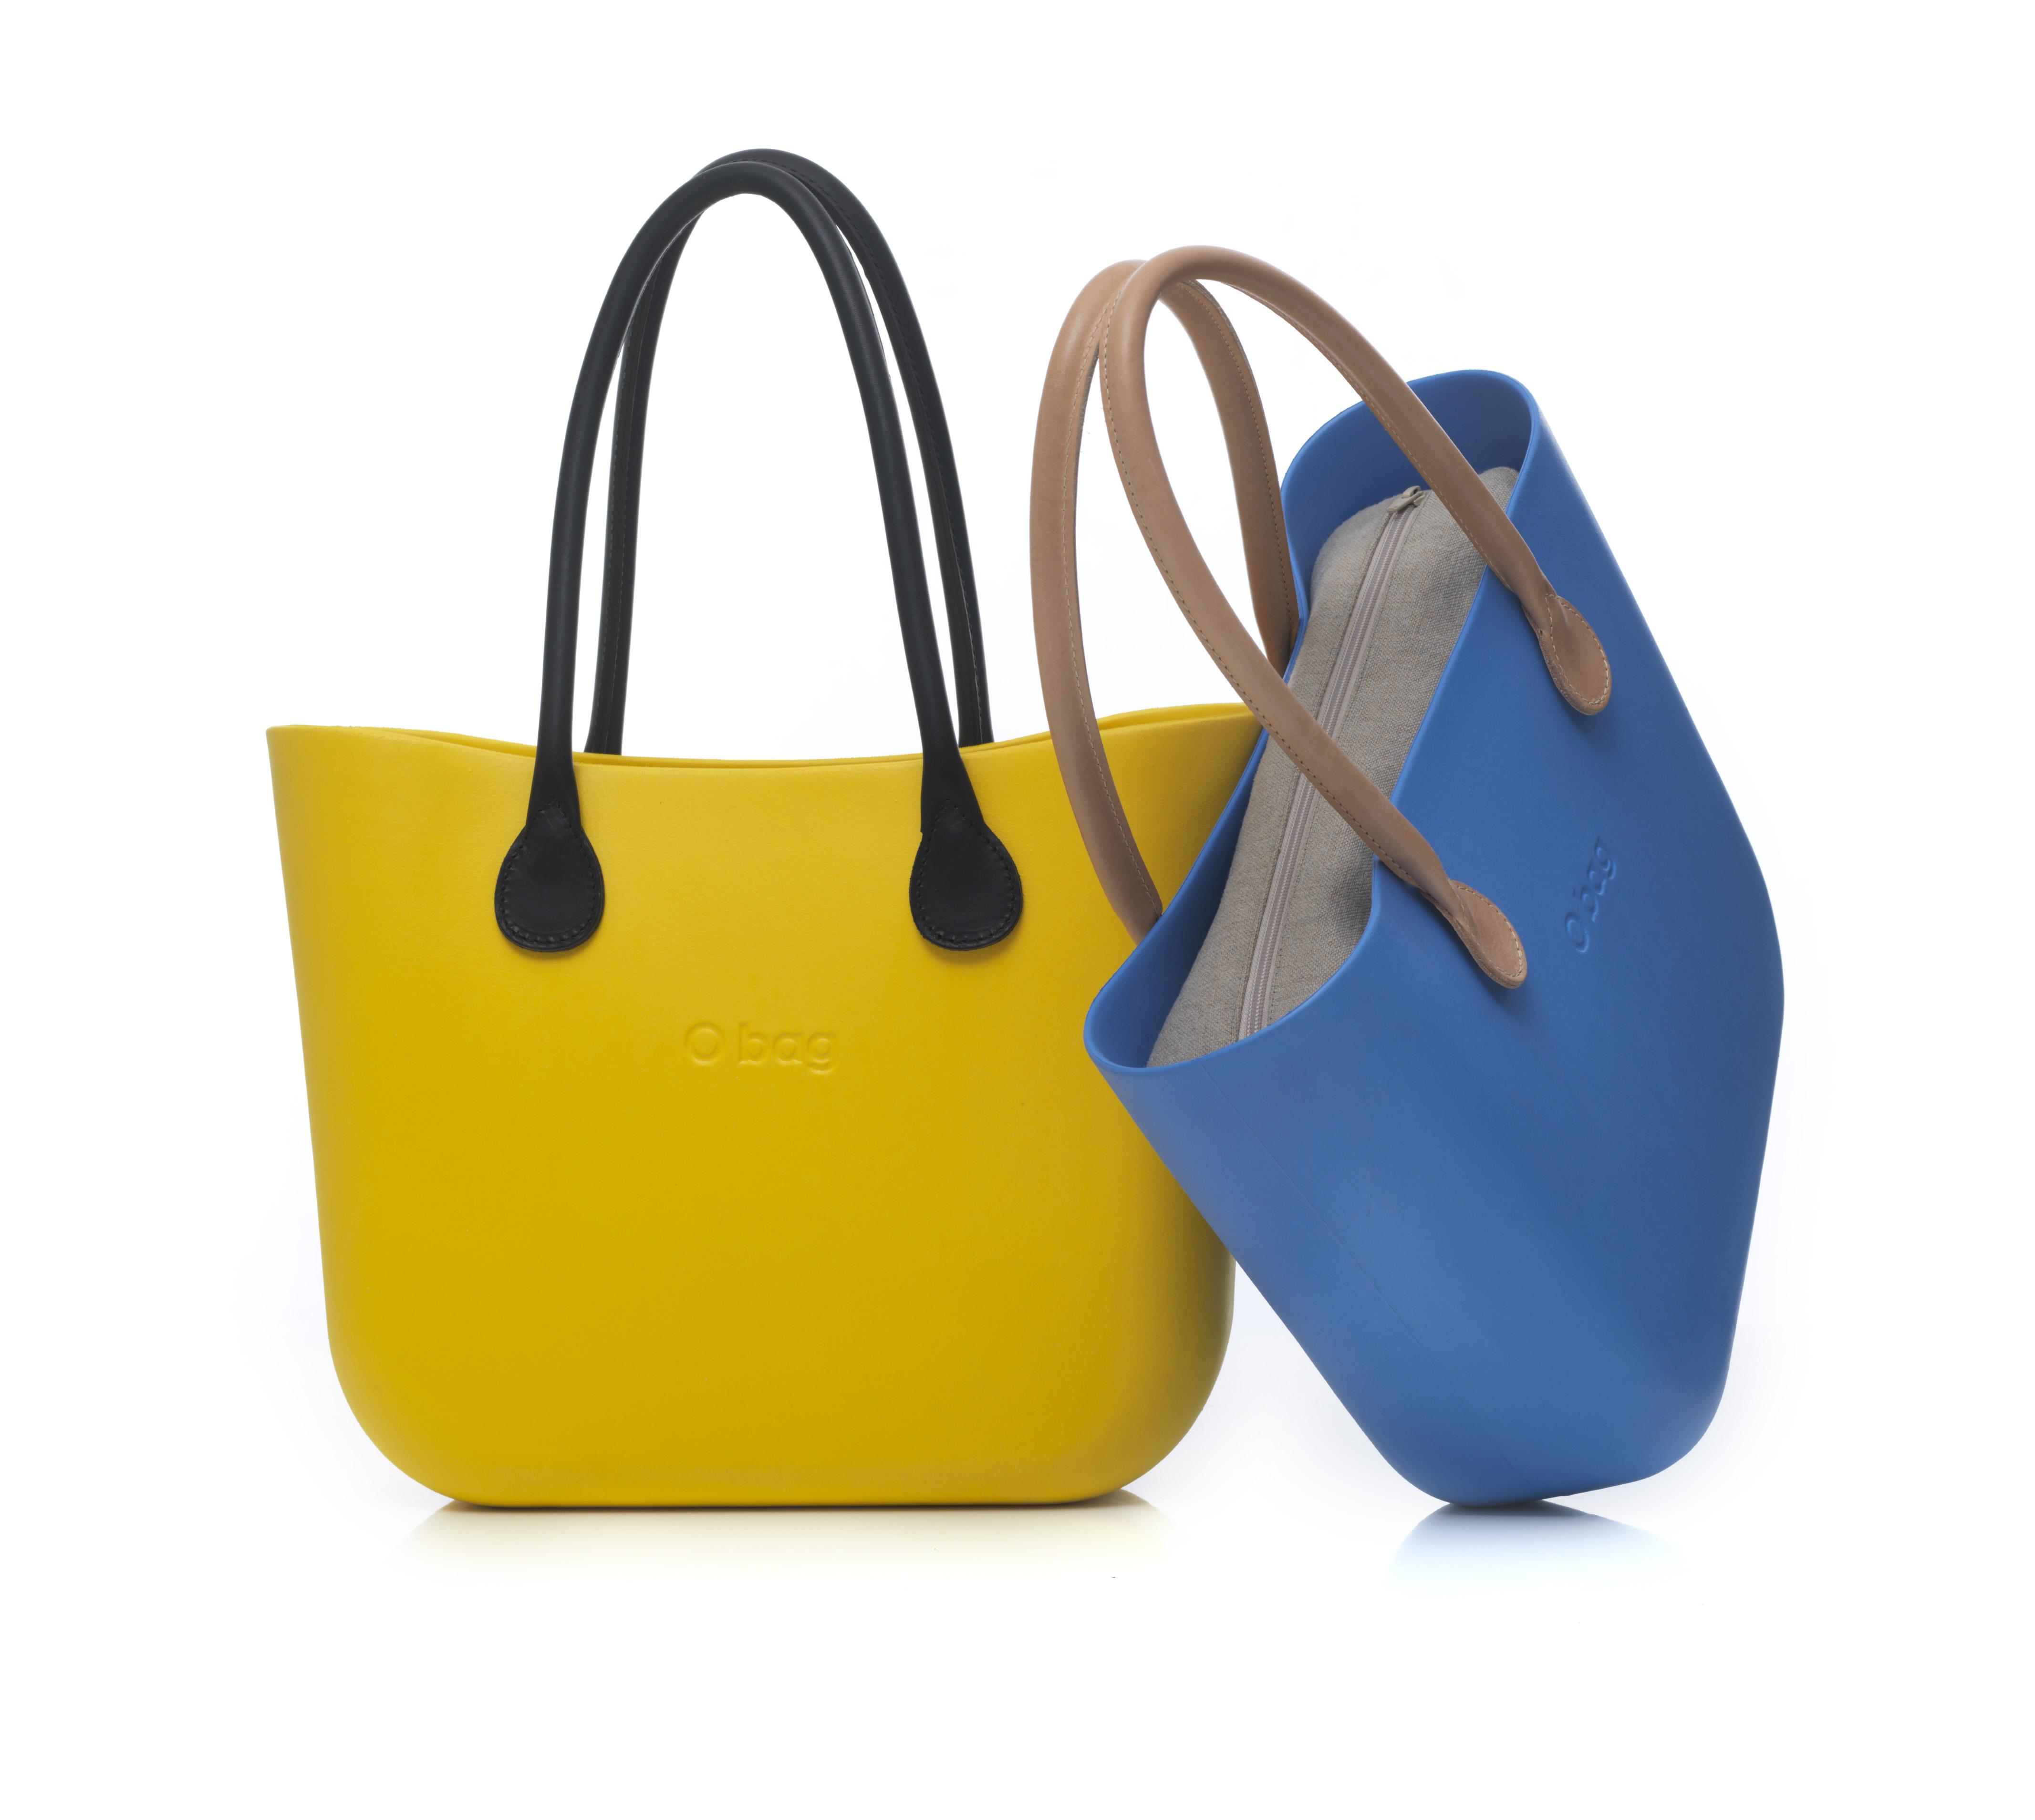 Borse Componibili O Bag Di Fullspot La Creativit 224 232 Stata